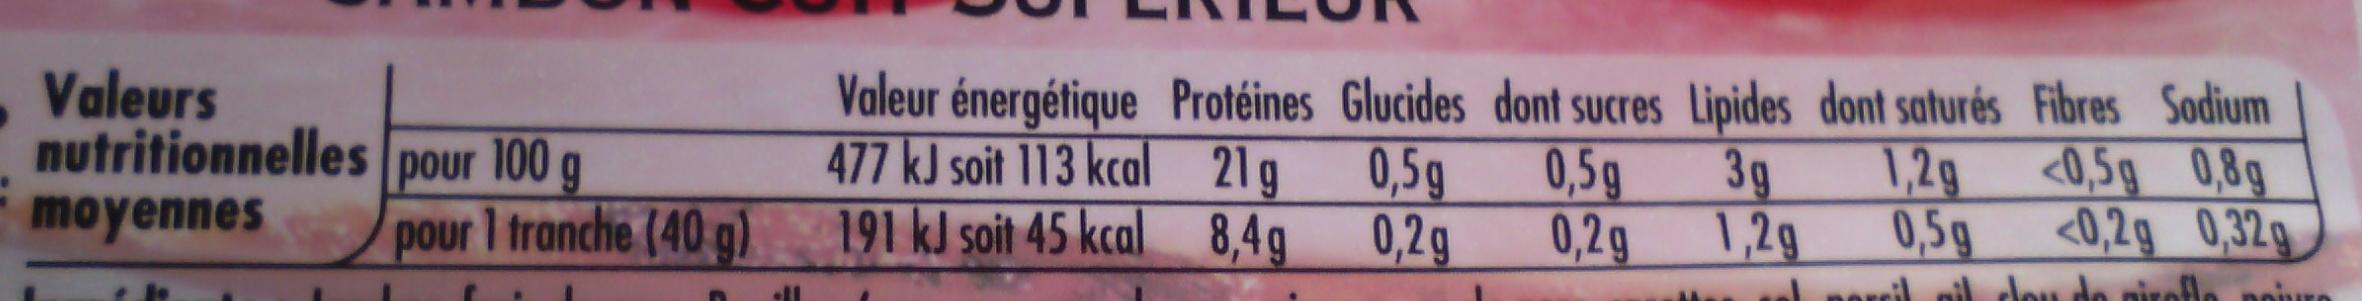 Tendre Noix, à la Broche (4 Tranches) - Voedingswaarden - fr